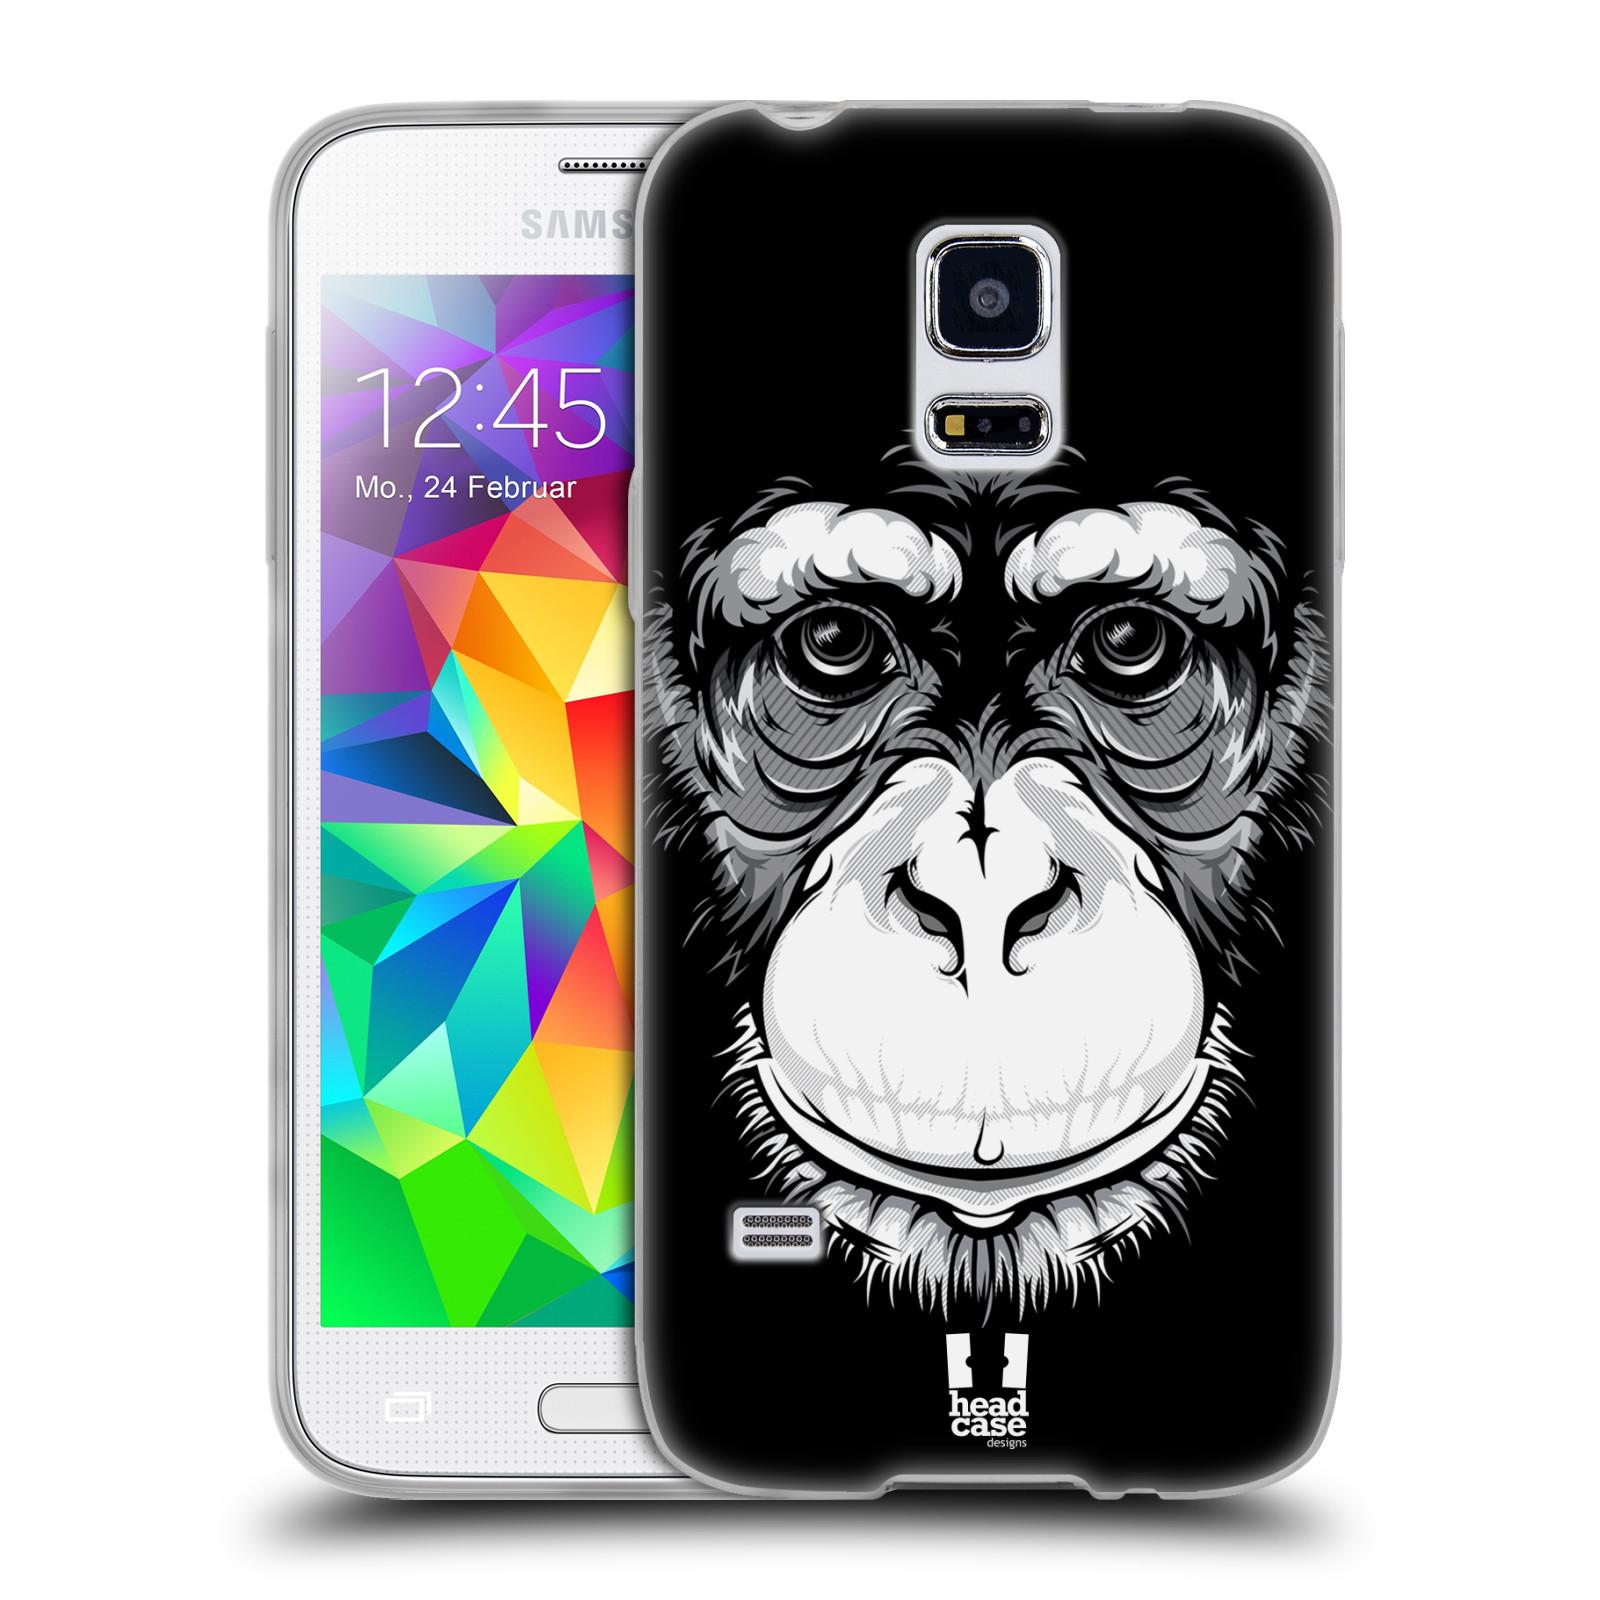 HEAD CASE silikonový obal na mobil Samsung Galaxy S5 MINI vzor Zvíře kreslená tvář šimpanz